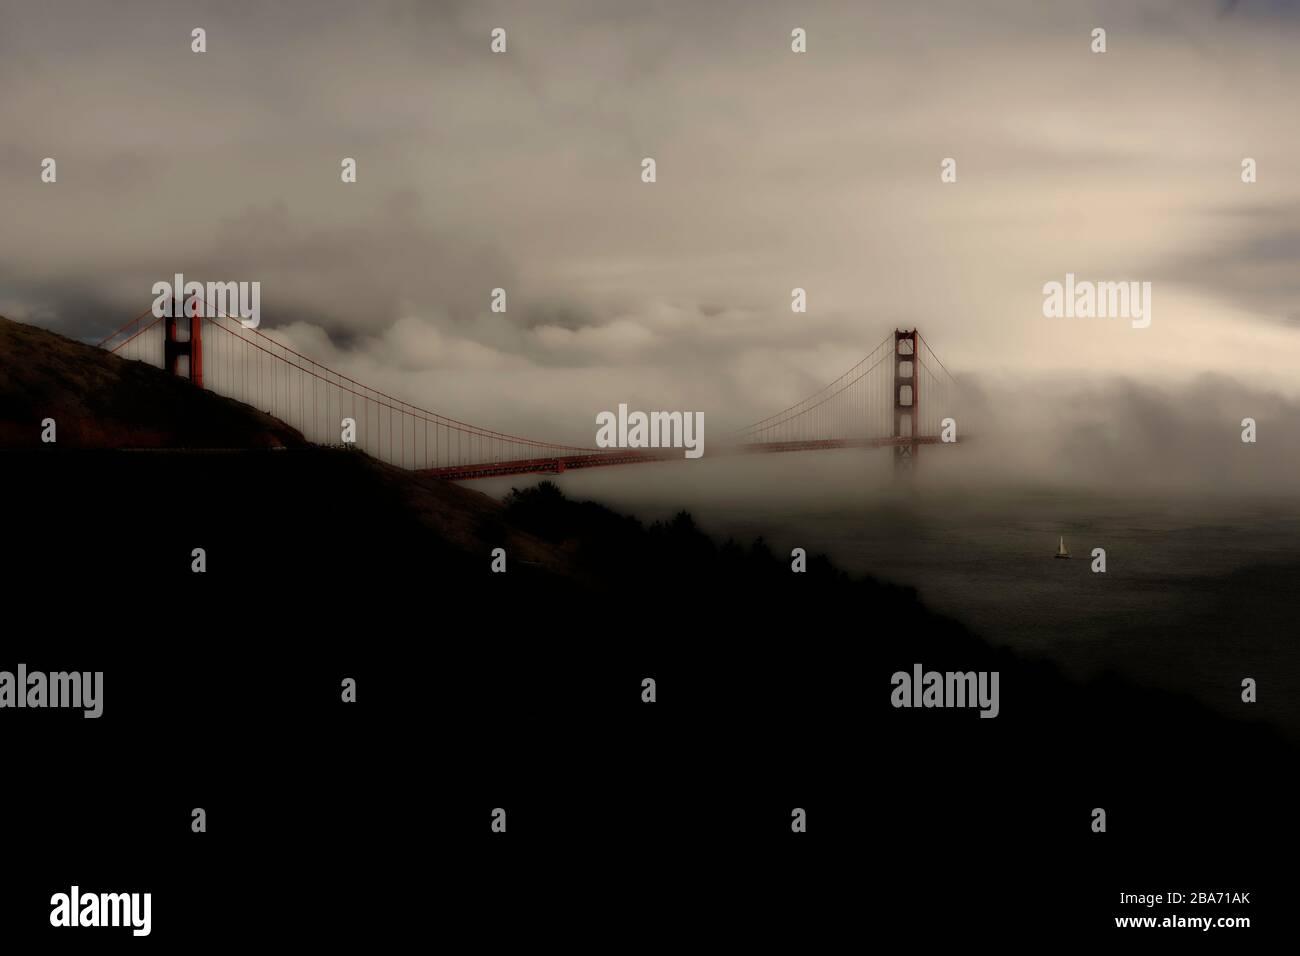 Vista dorada del puente Golden Gate en el sol y la niebla de Marin Headlands, San Francisco, California, Estados Unidos, América del Norte, color Foto de stock